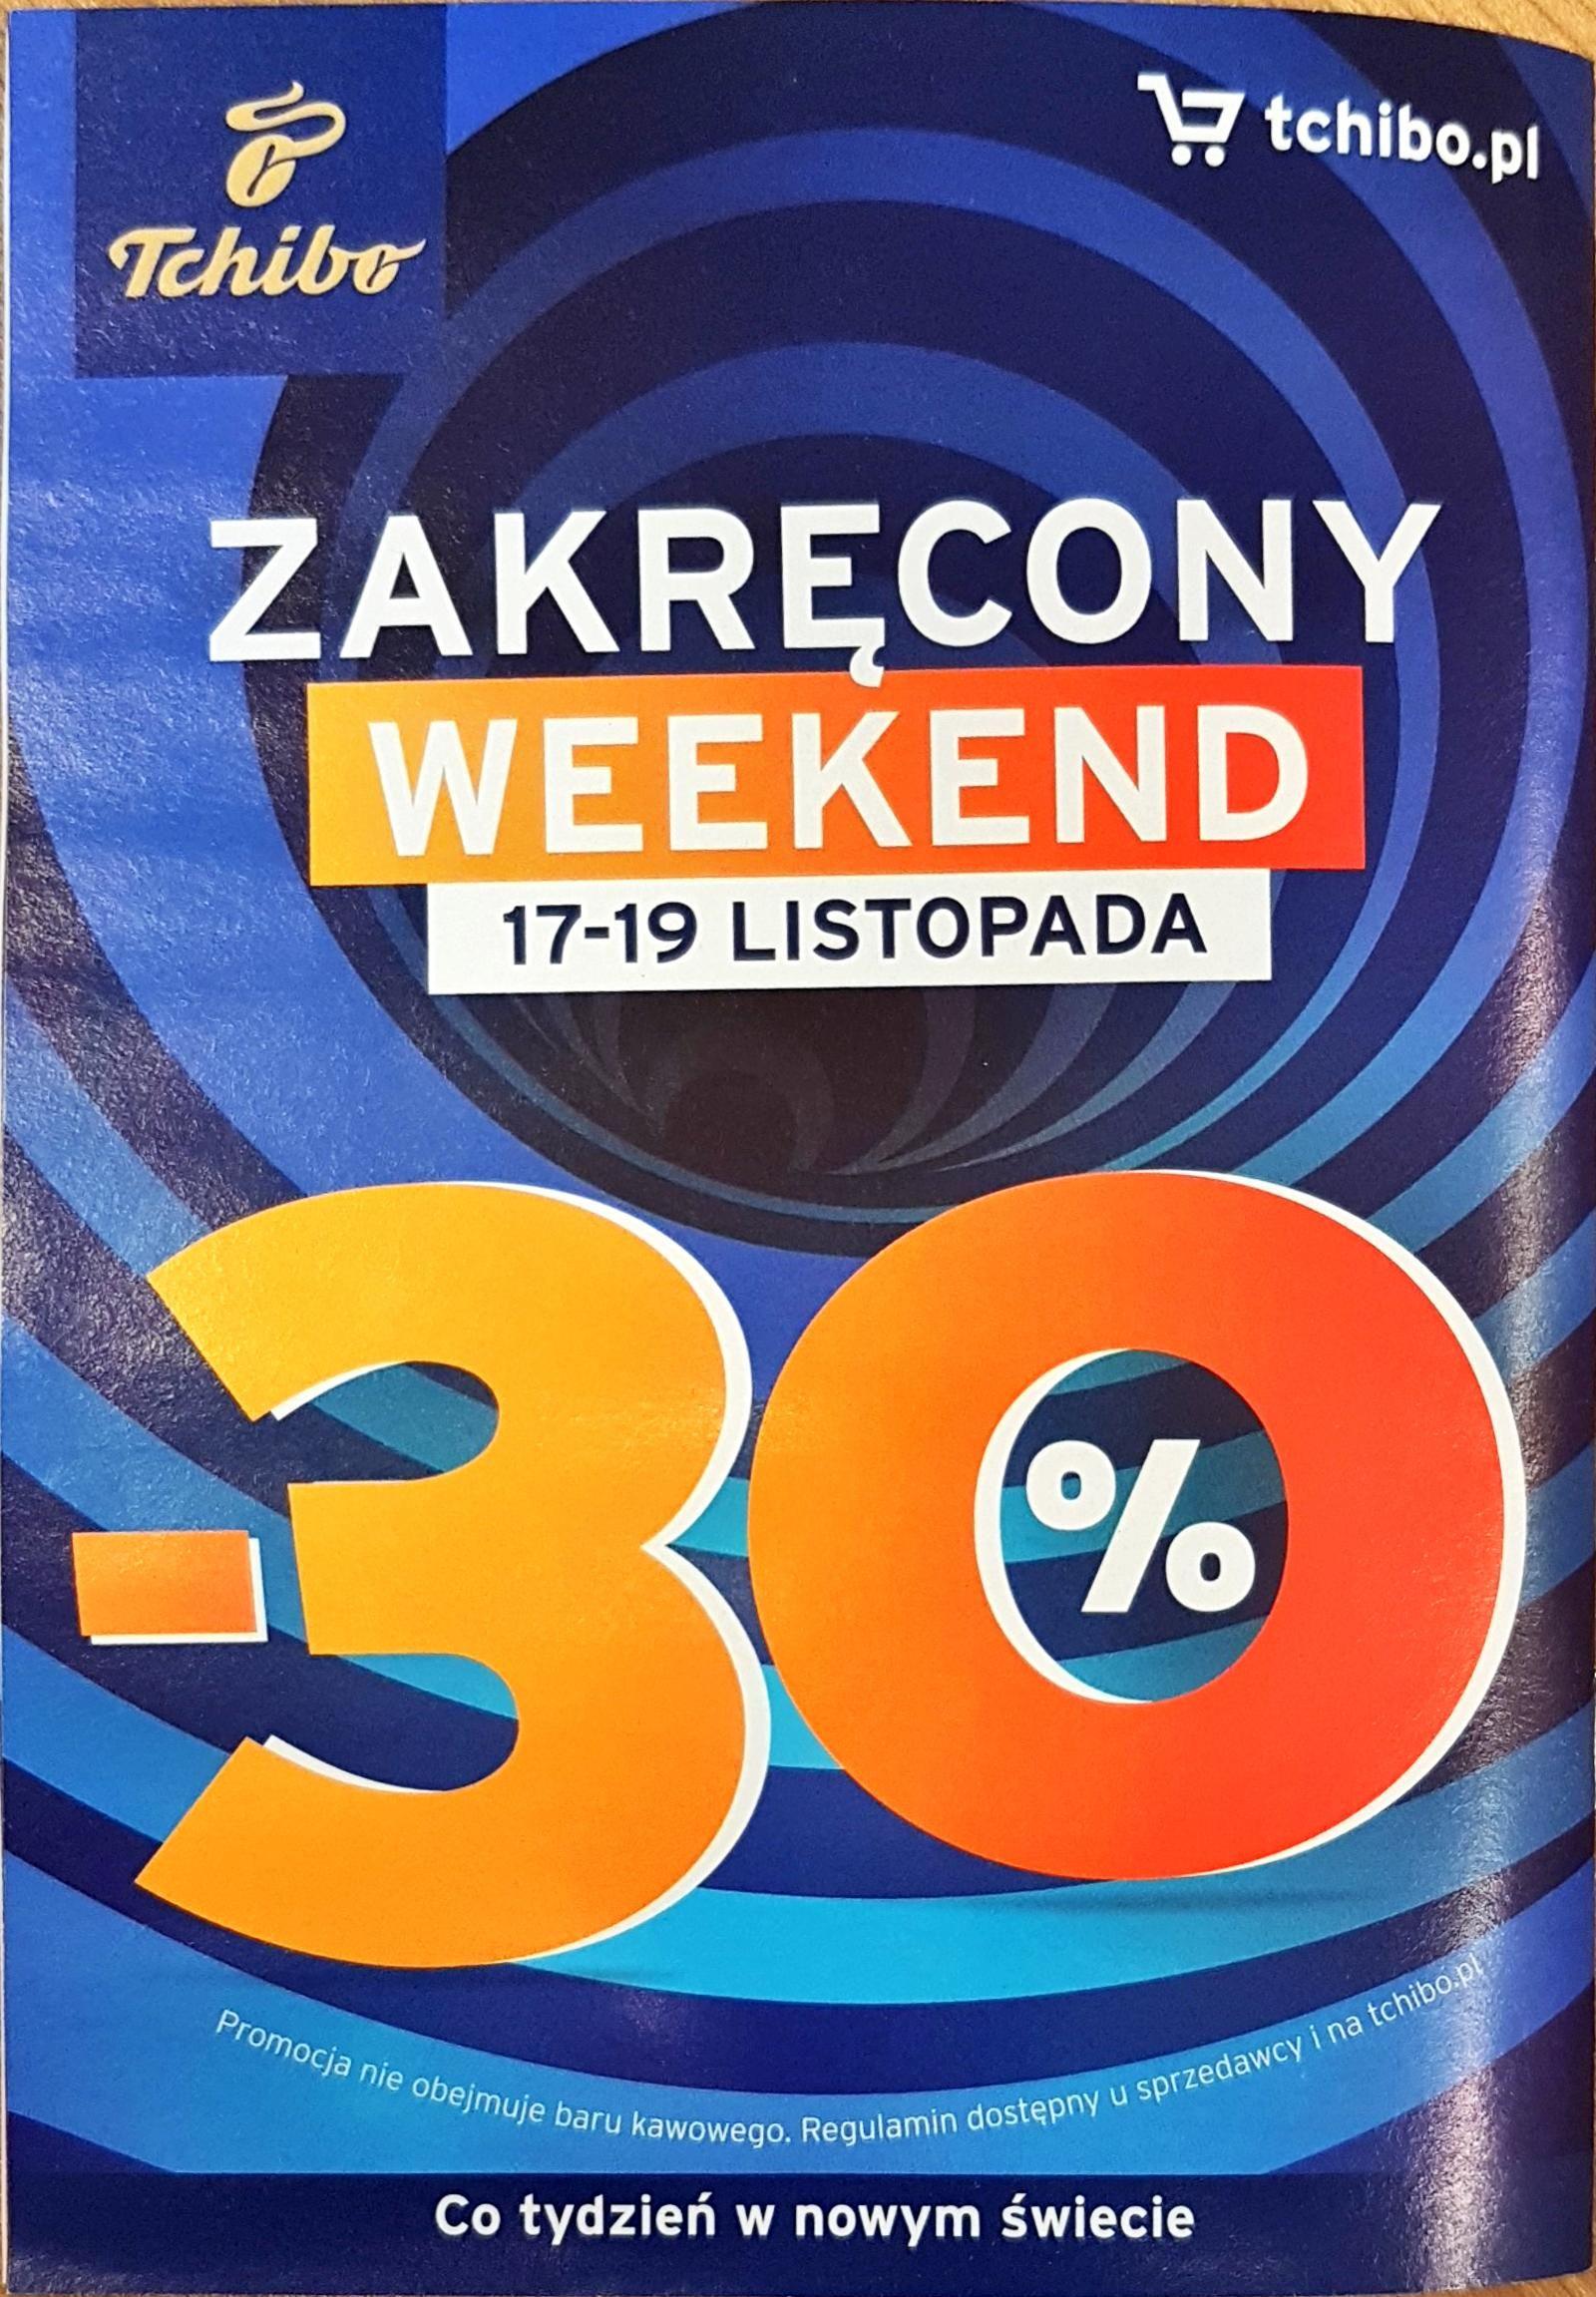 Weekendowa promocja 17-19.11 w Tchibo